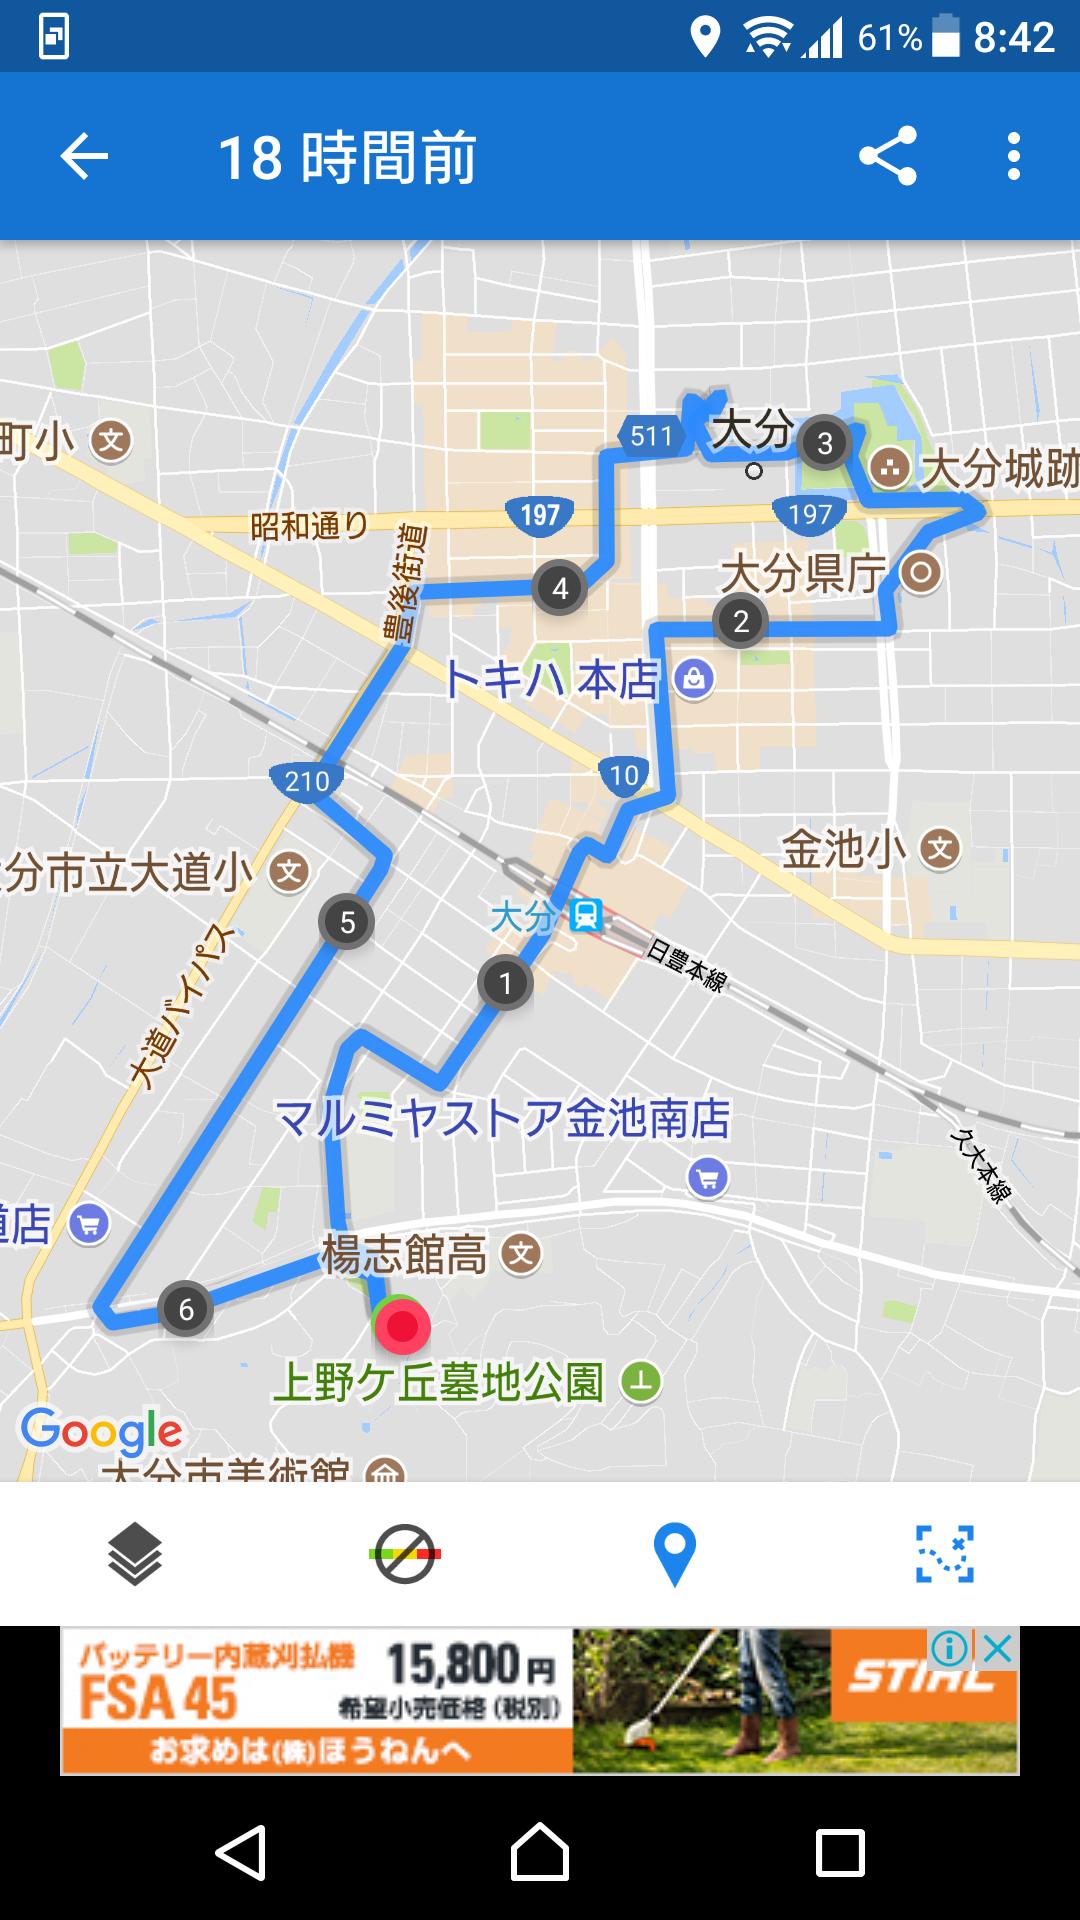 f:id:ynakayama27:20170817162719p:plain